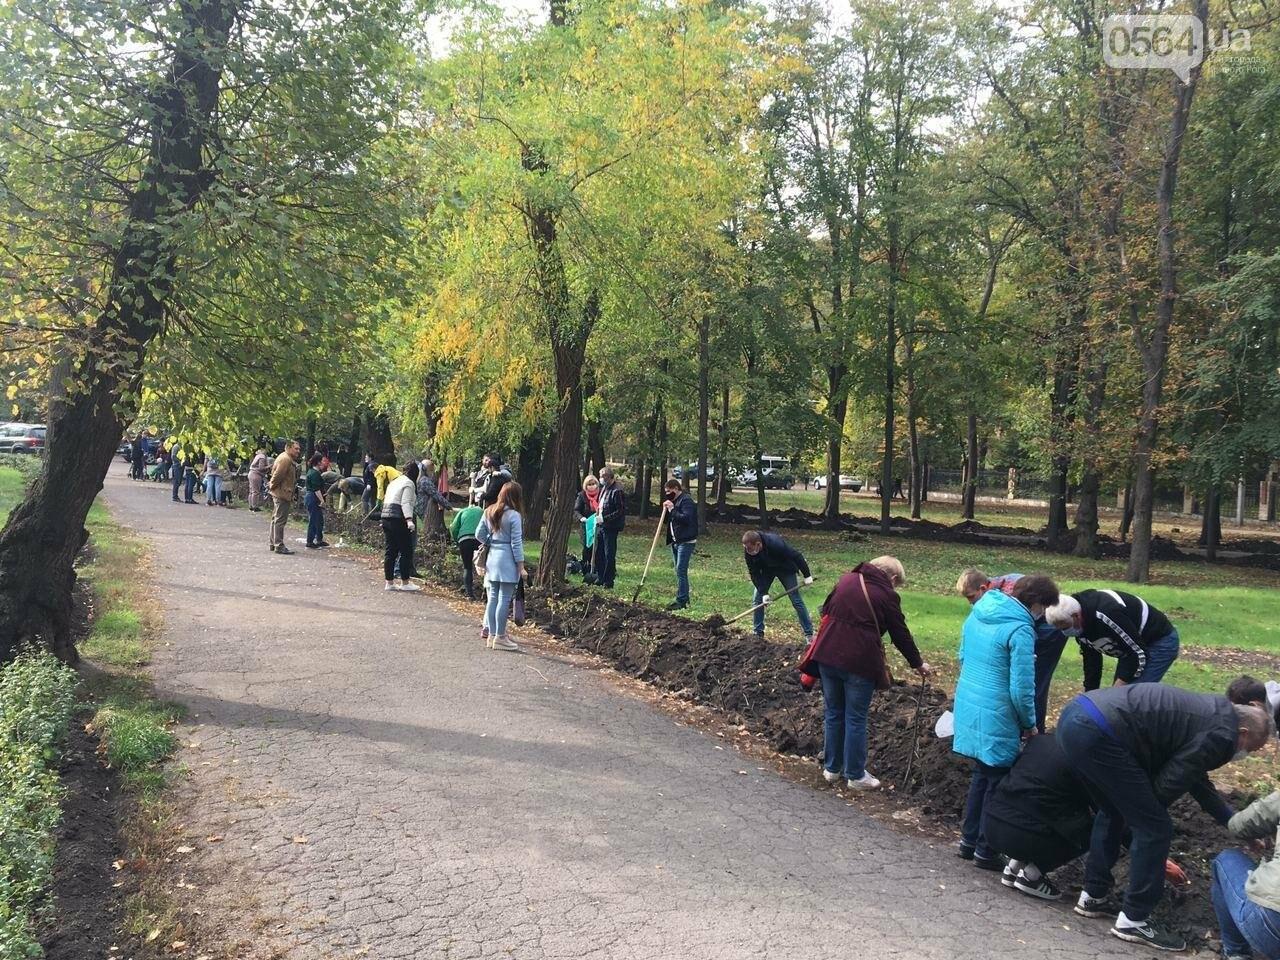 Как выглядит парк, который благоустраивают криворожане, - ФОТО, ВИДЕО, фото-23